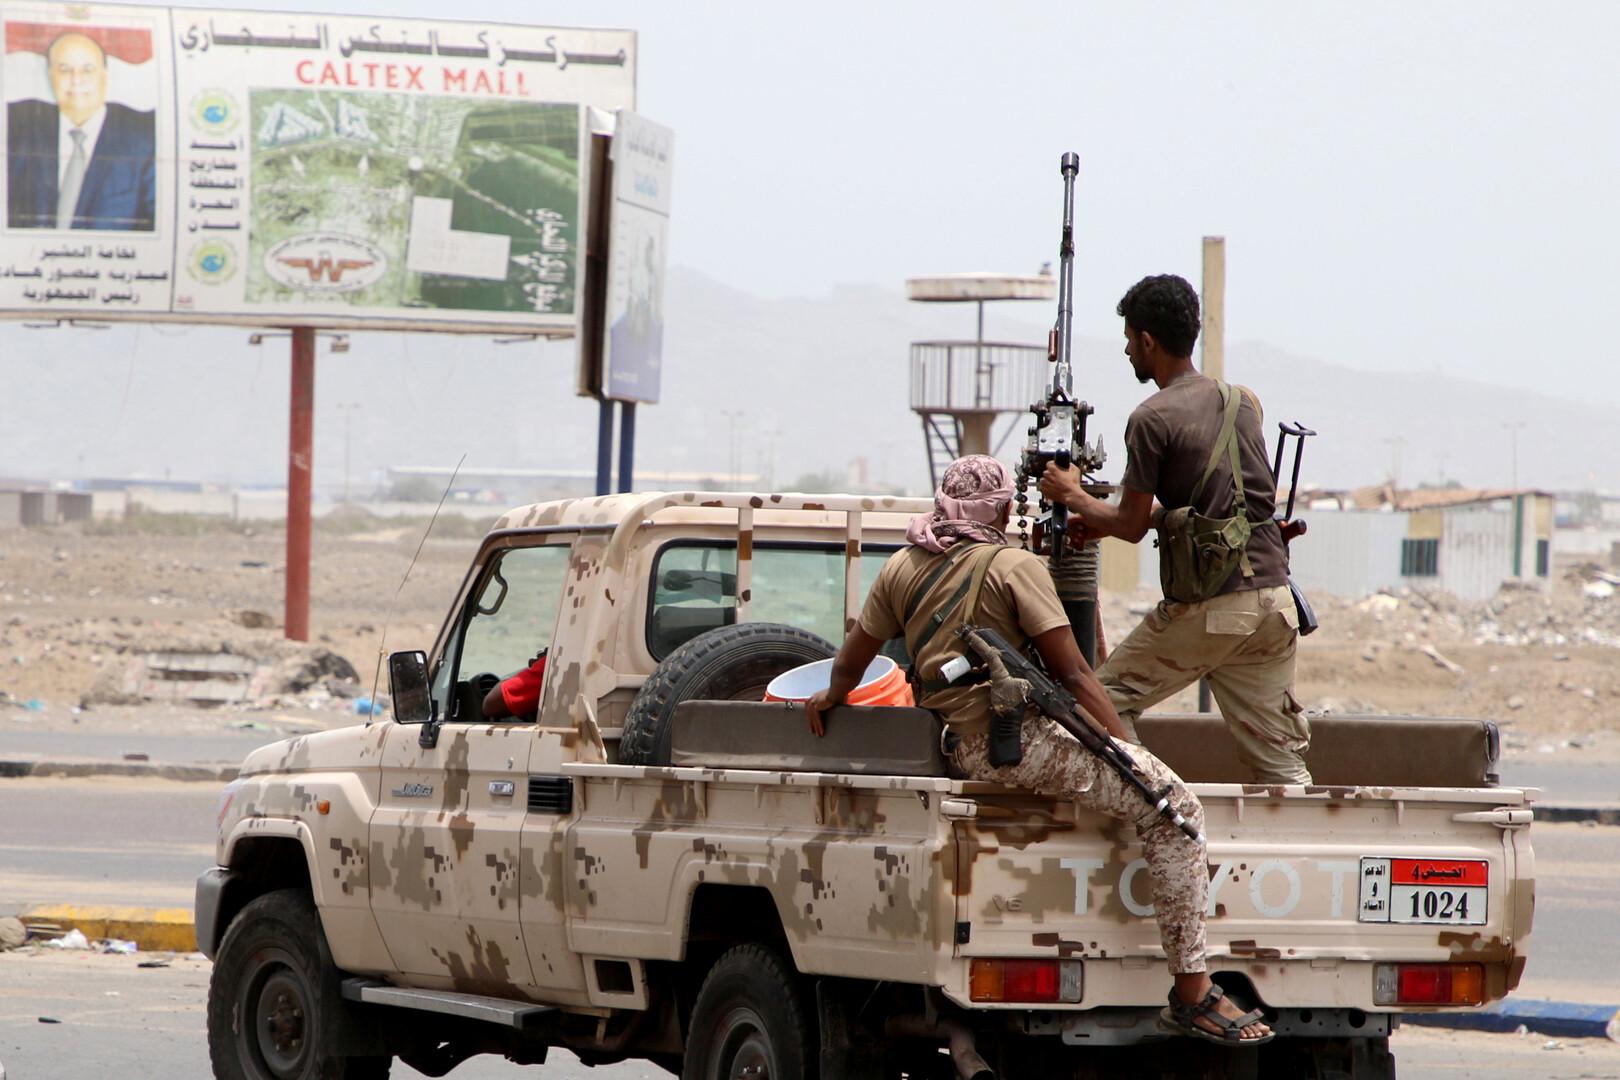 وزير الداخلية في حكومة هادي رافضا اتفاق الرياض: سندخل عدن بحدنا وحديدنا